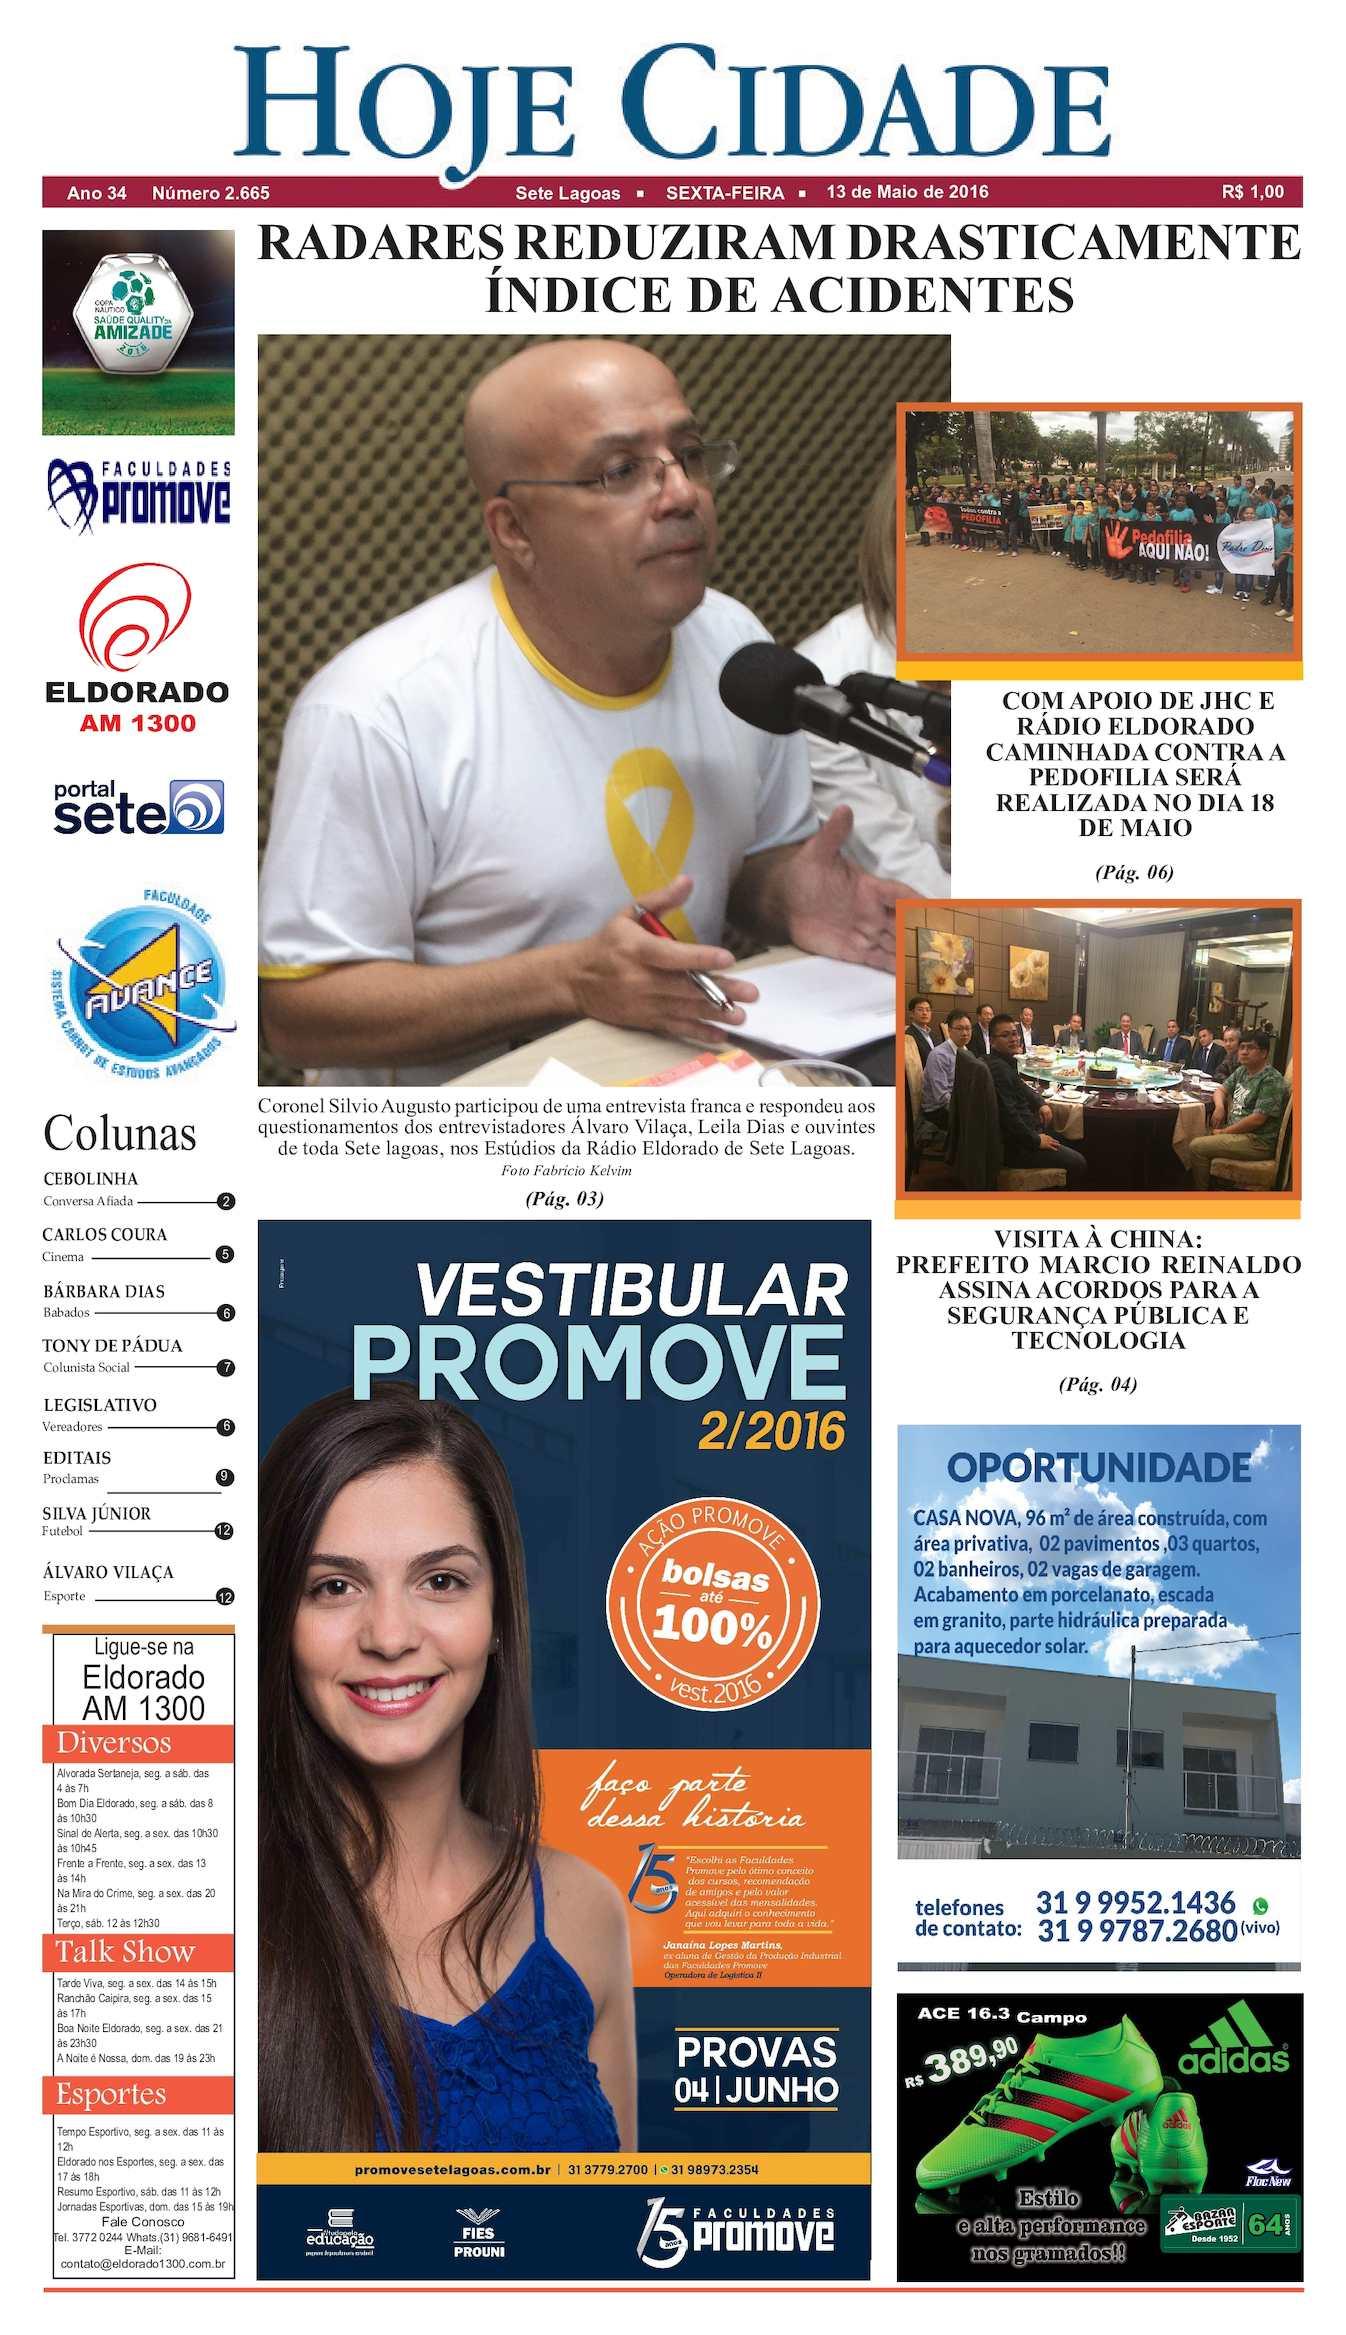 Calaméo - Jornal Hoje Cidade 13 05 2016 4e0ff4656d42c